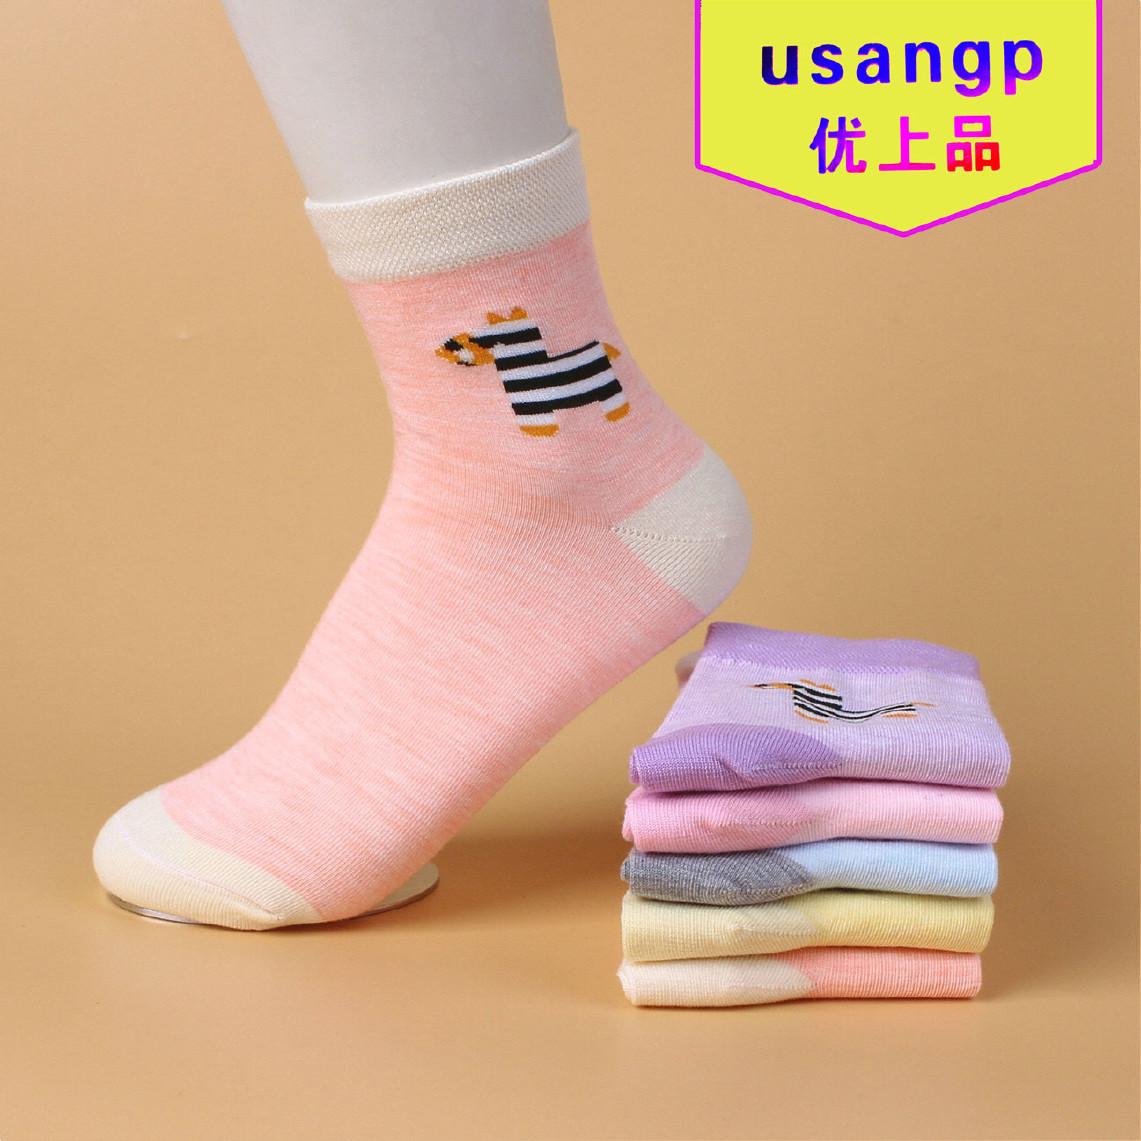 优上品 女士简装休闲彩棉女袜秋季新款短袜 卡通防臭透气袜子